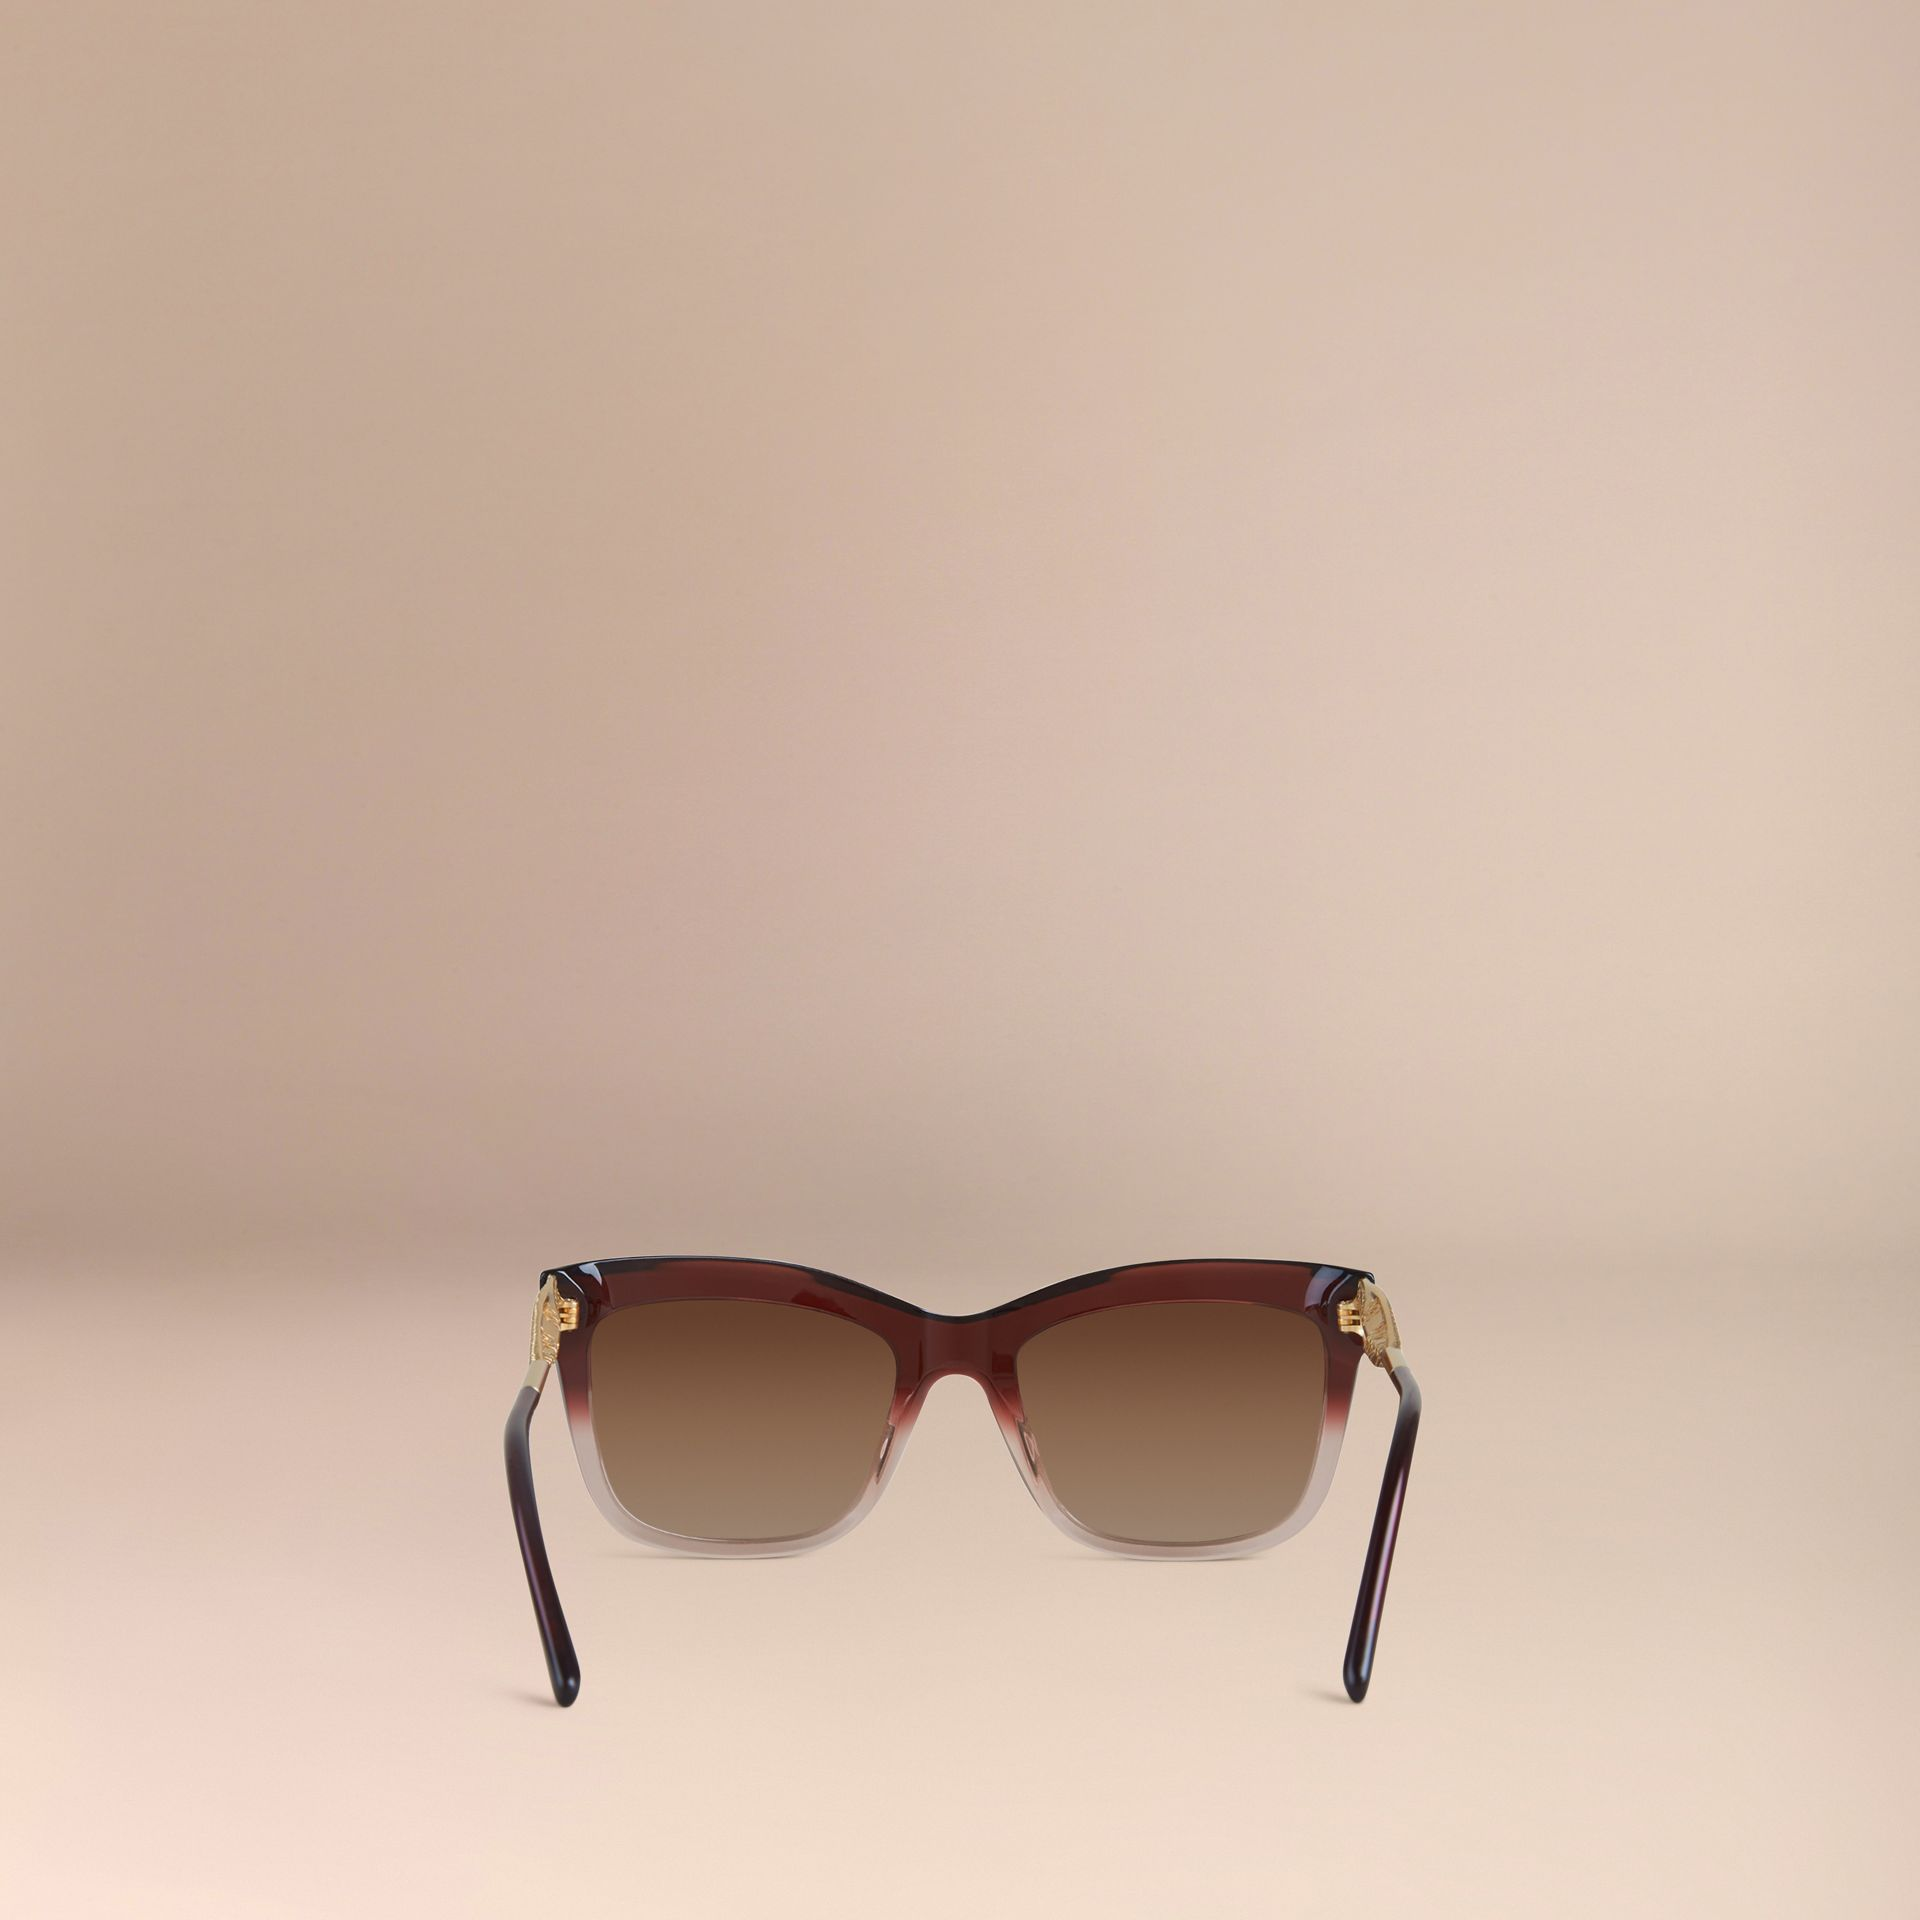 Темный армейский красный Солнцезащитные очки из коллекции Gabardine Lace Темный Армейский Красный - изображение 4